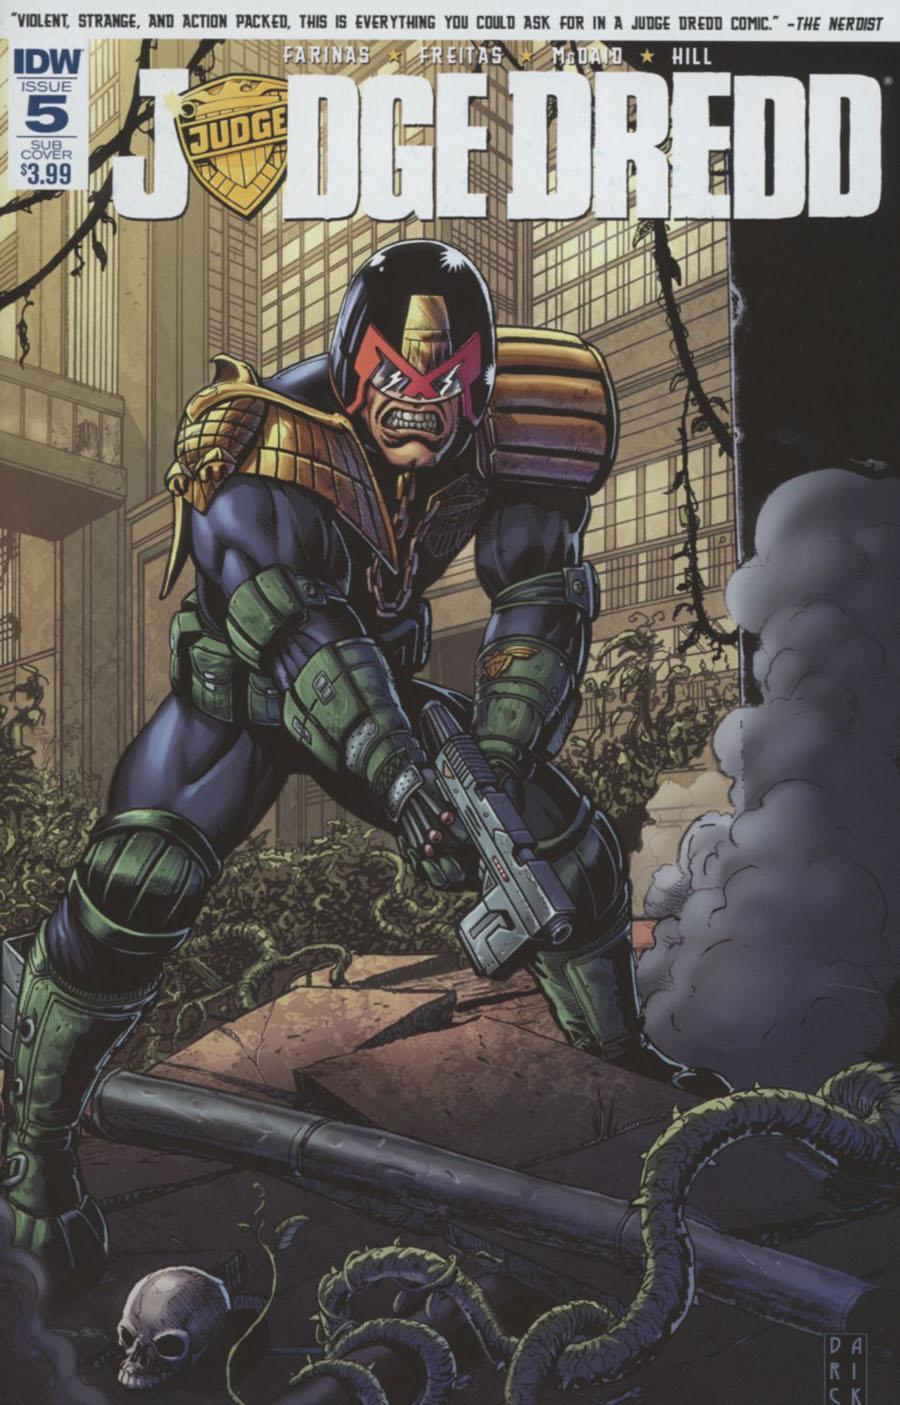 Judge Dredd Vol 5 #5 Cover B Variant Darick Robertson Subscription Cover